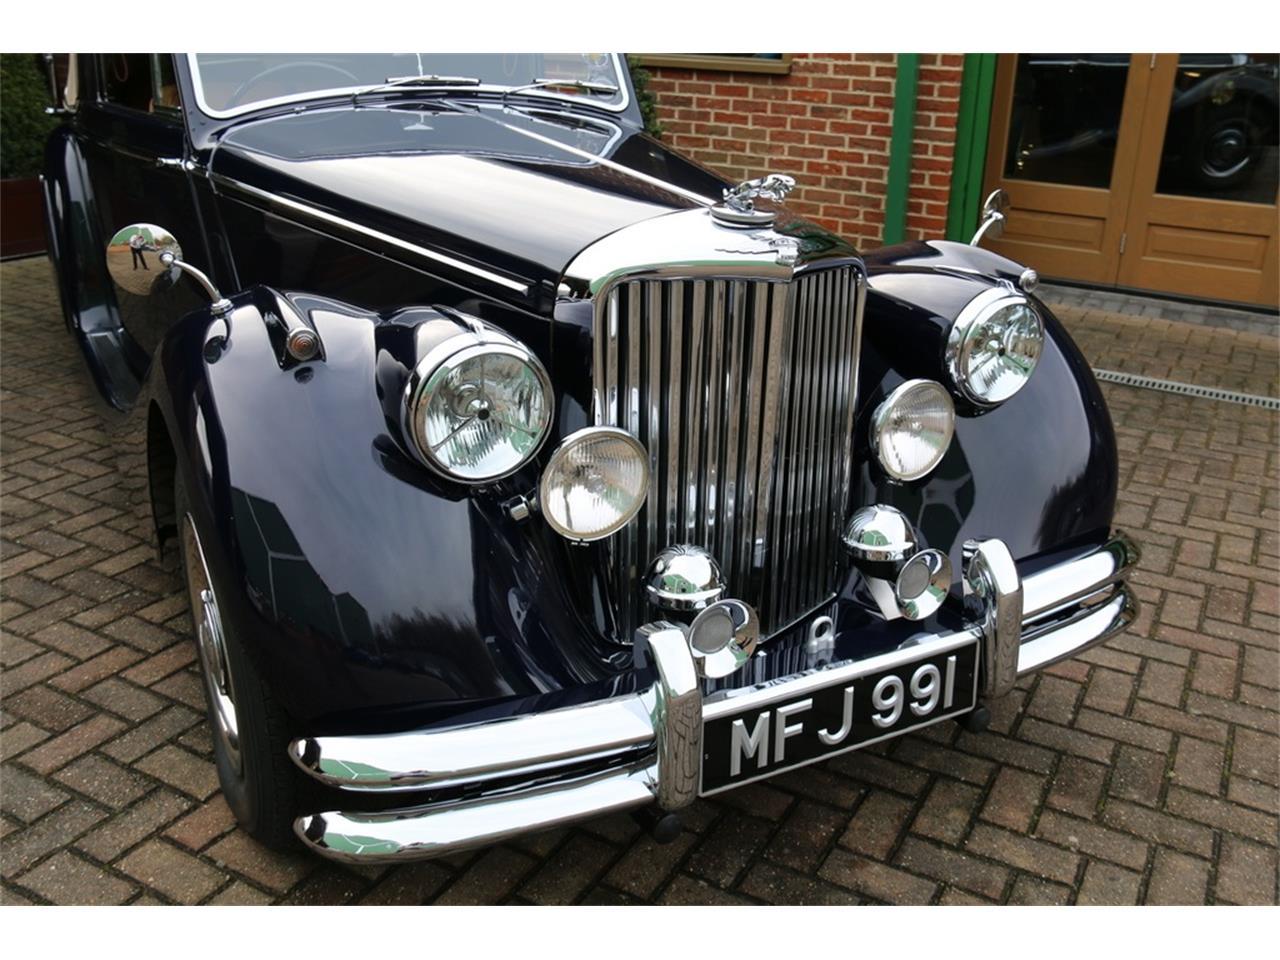 1951 Jaguar Mark V Drophead Coupe for Sale | ClassicCars ...